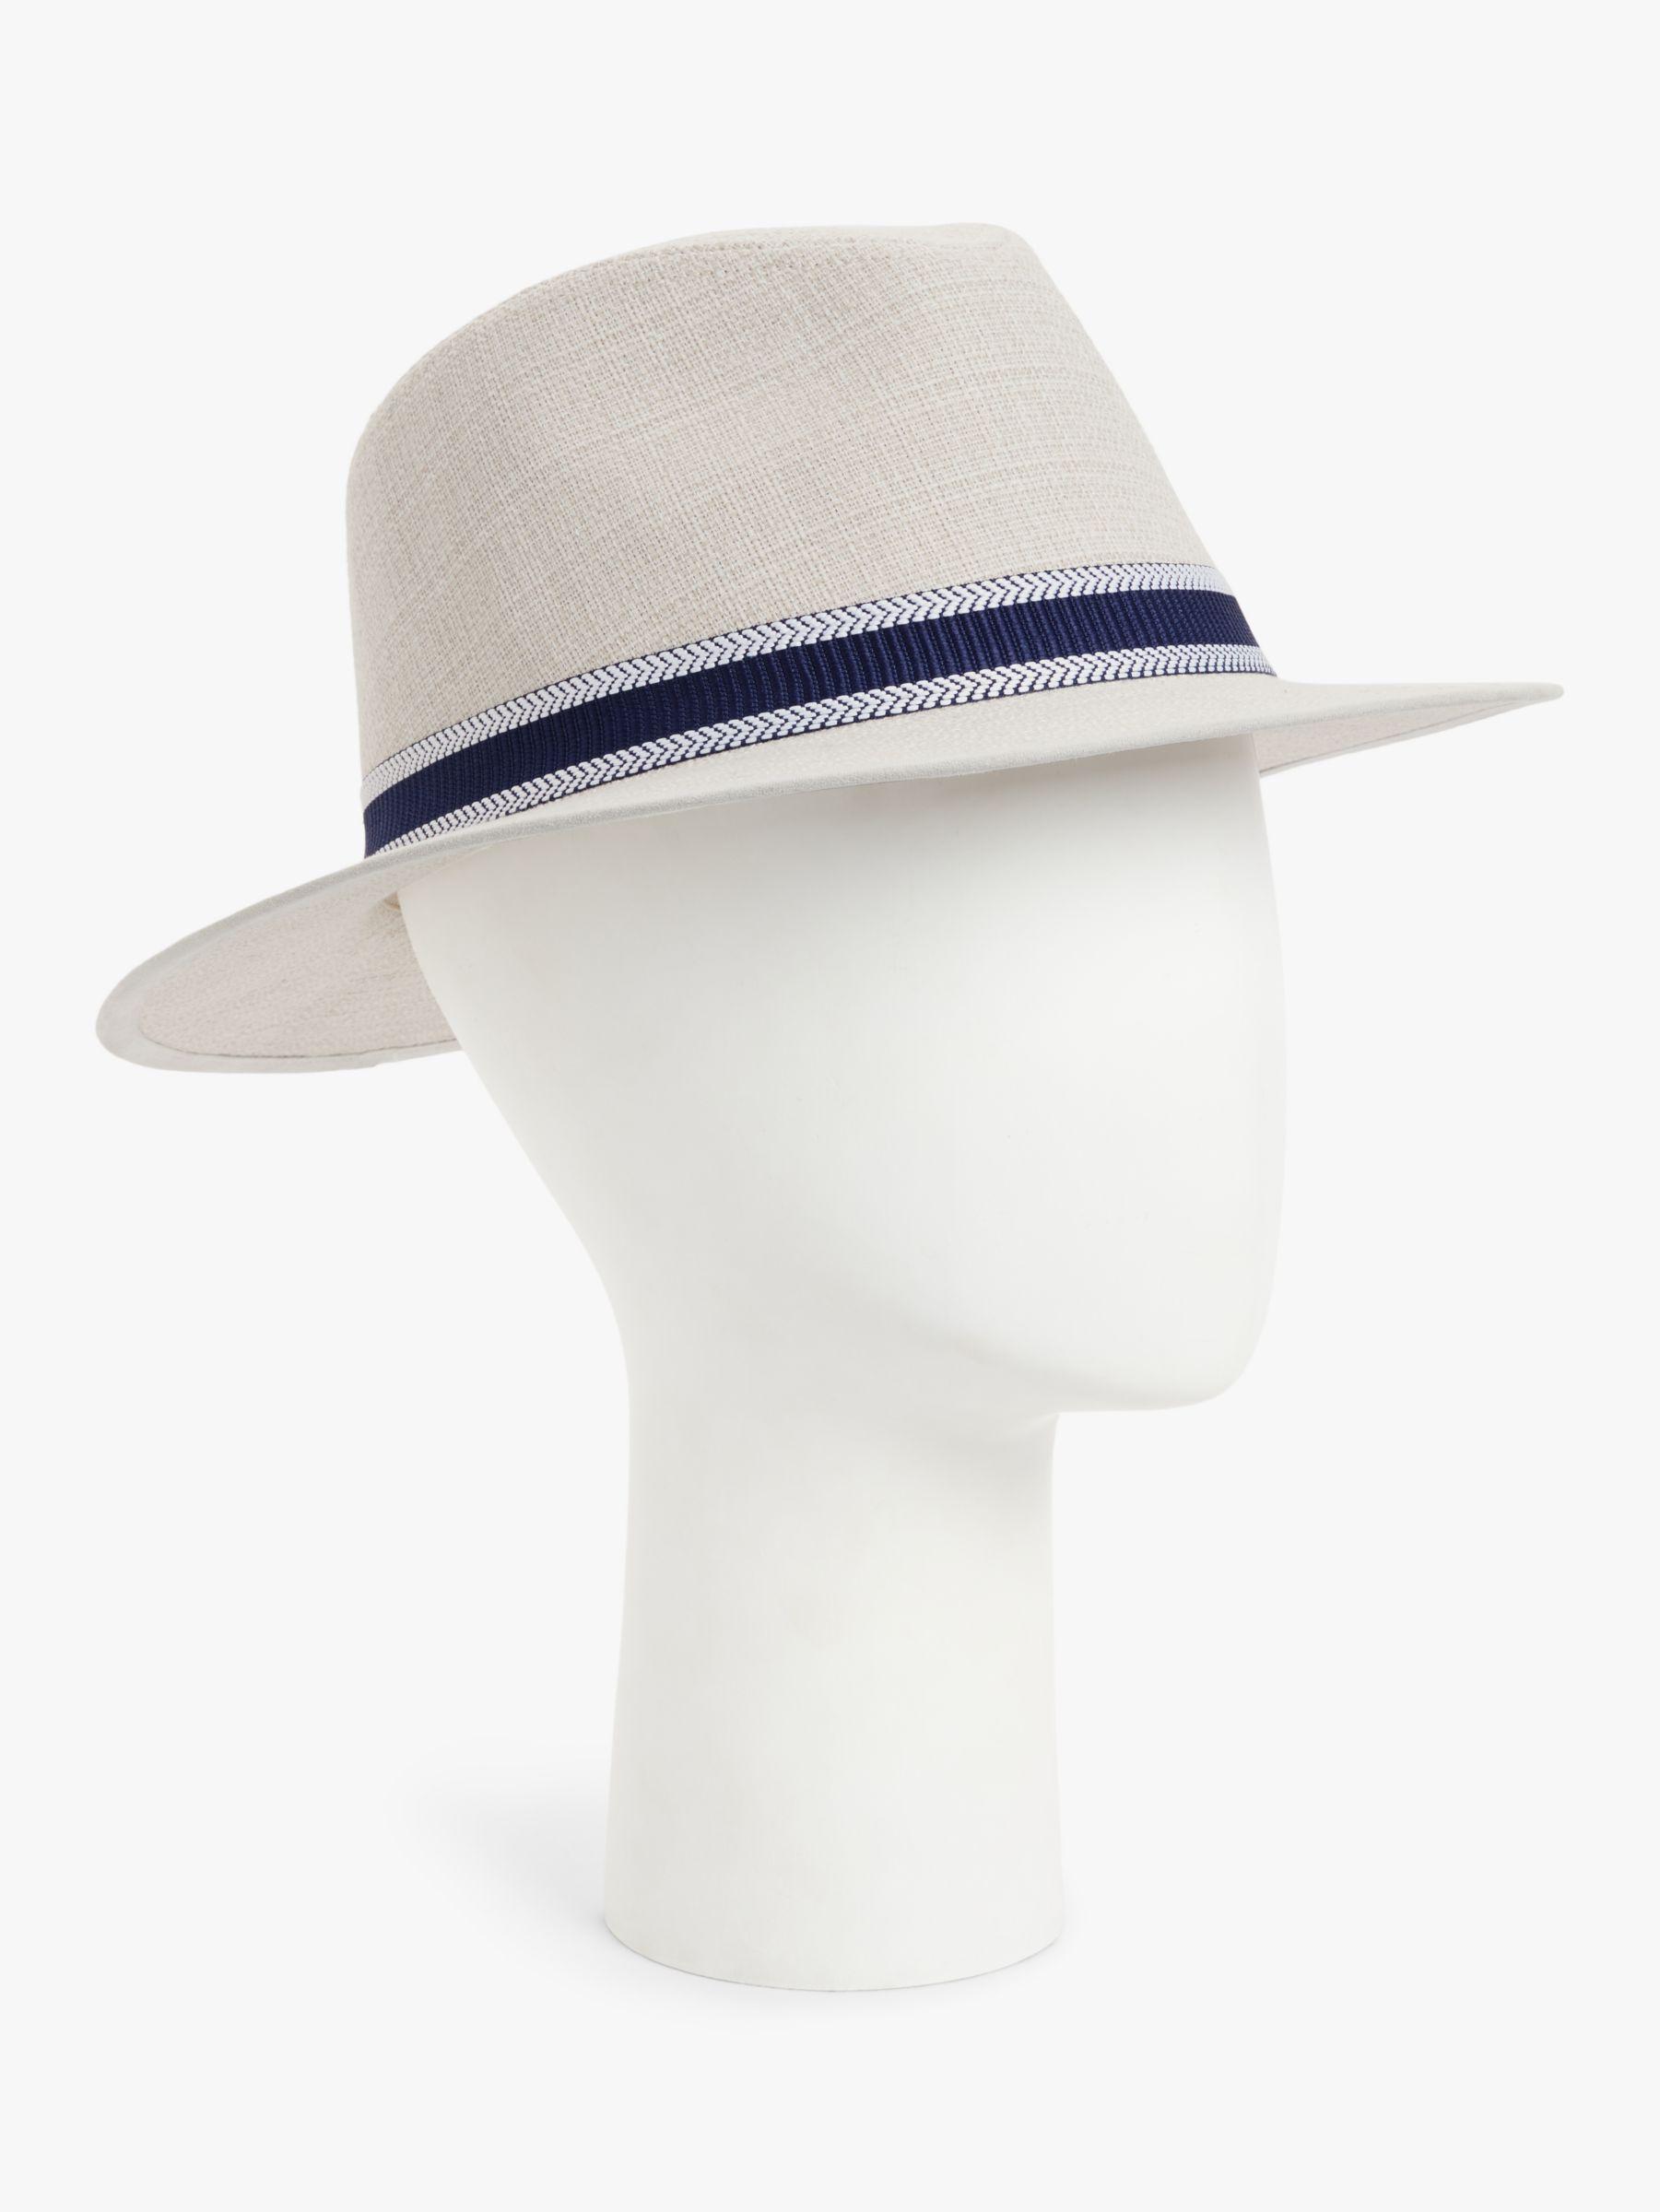 Failsworth Failsworth Cotton Linen Fedora Hat, Natural